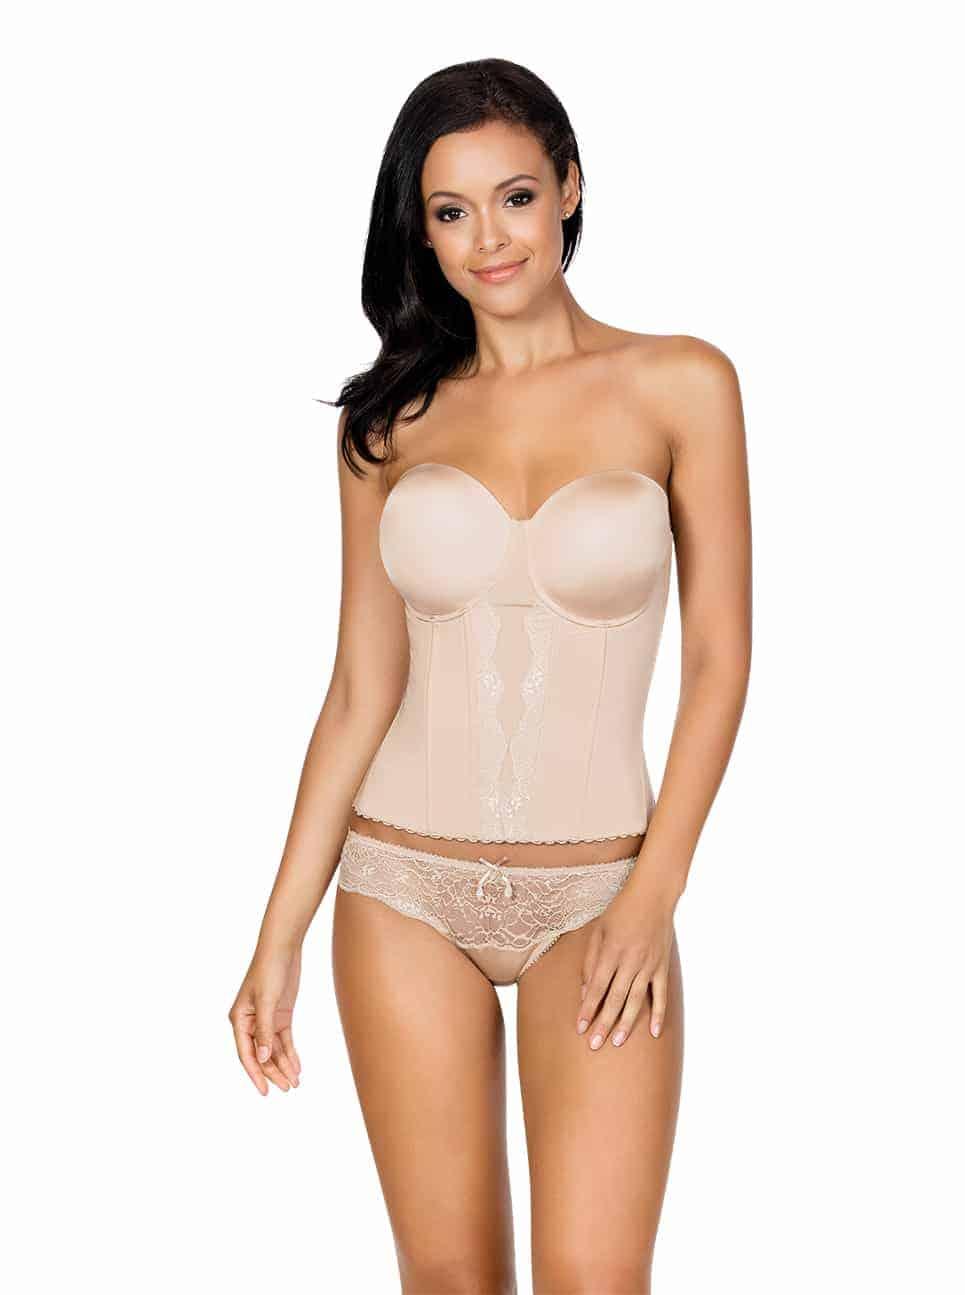 Elissa Low BackBustierP5017 BikiniP5013 EuropeanNude Front - Elissa Low-Back Bustier - Nude - P5017